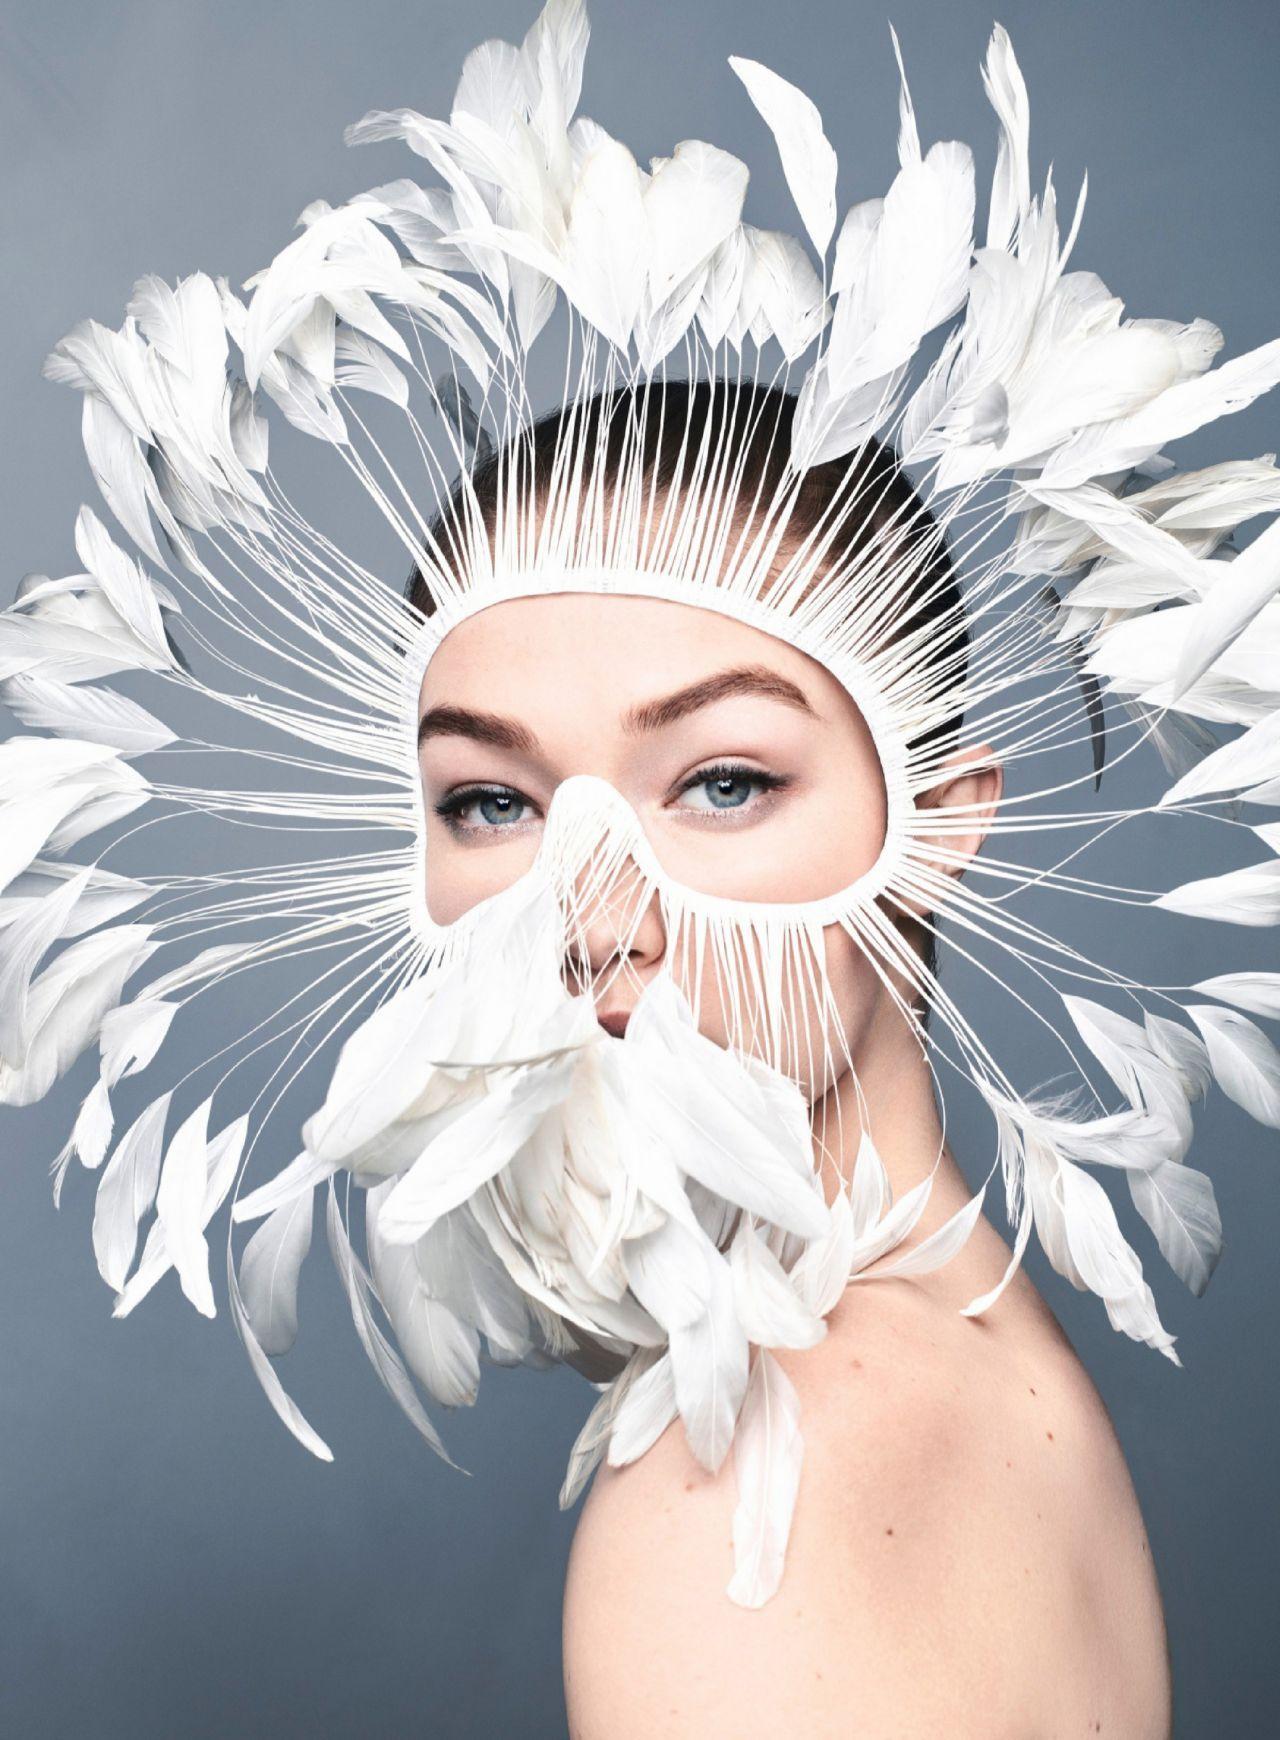 吉吉·哈迪德(Gigi Hadid)–美国《Harper's Bazaar》 2020年4月